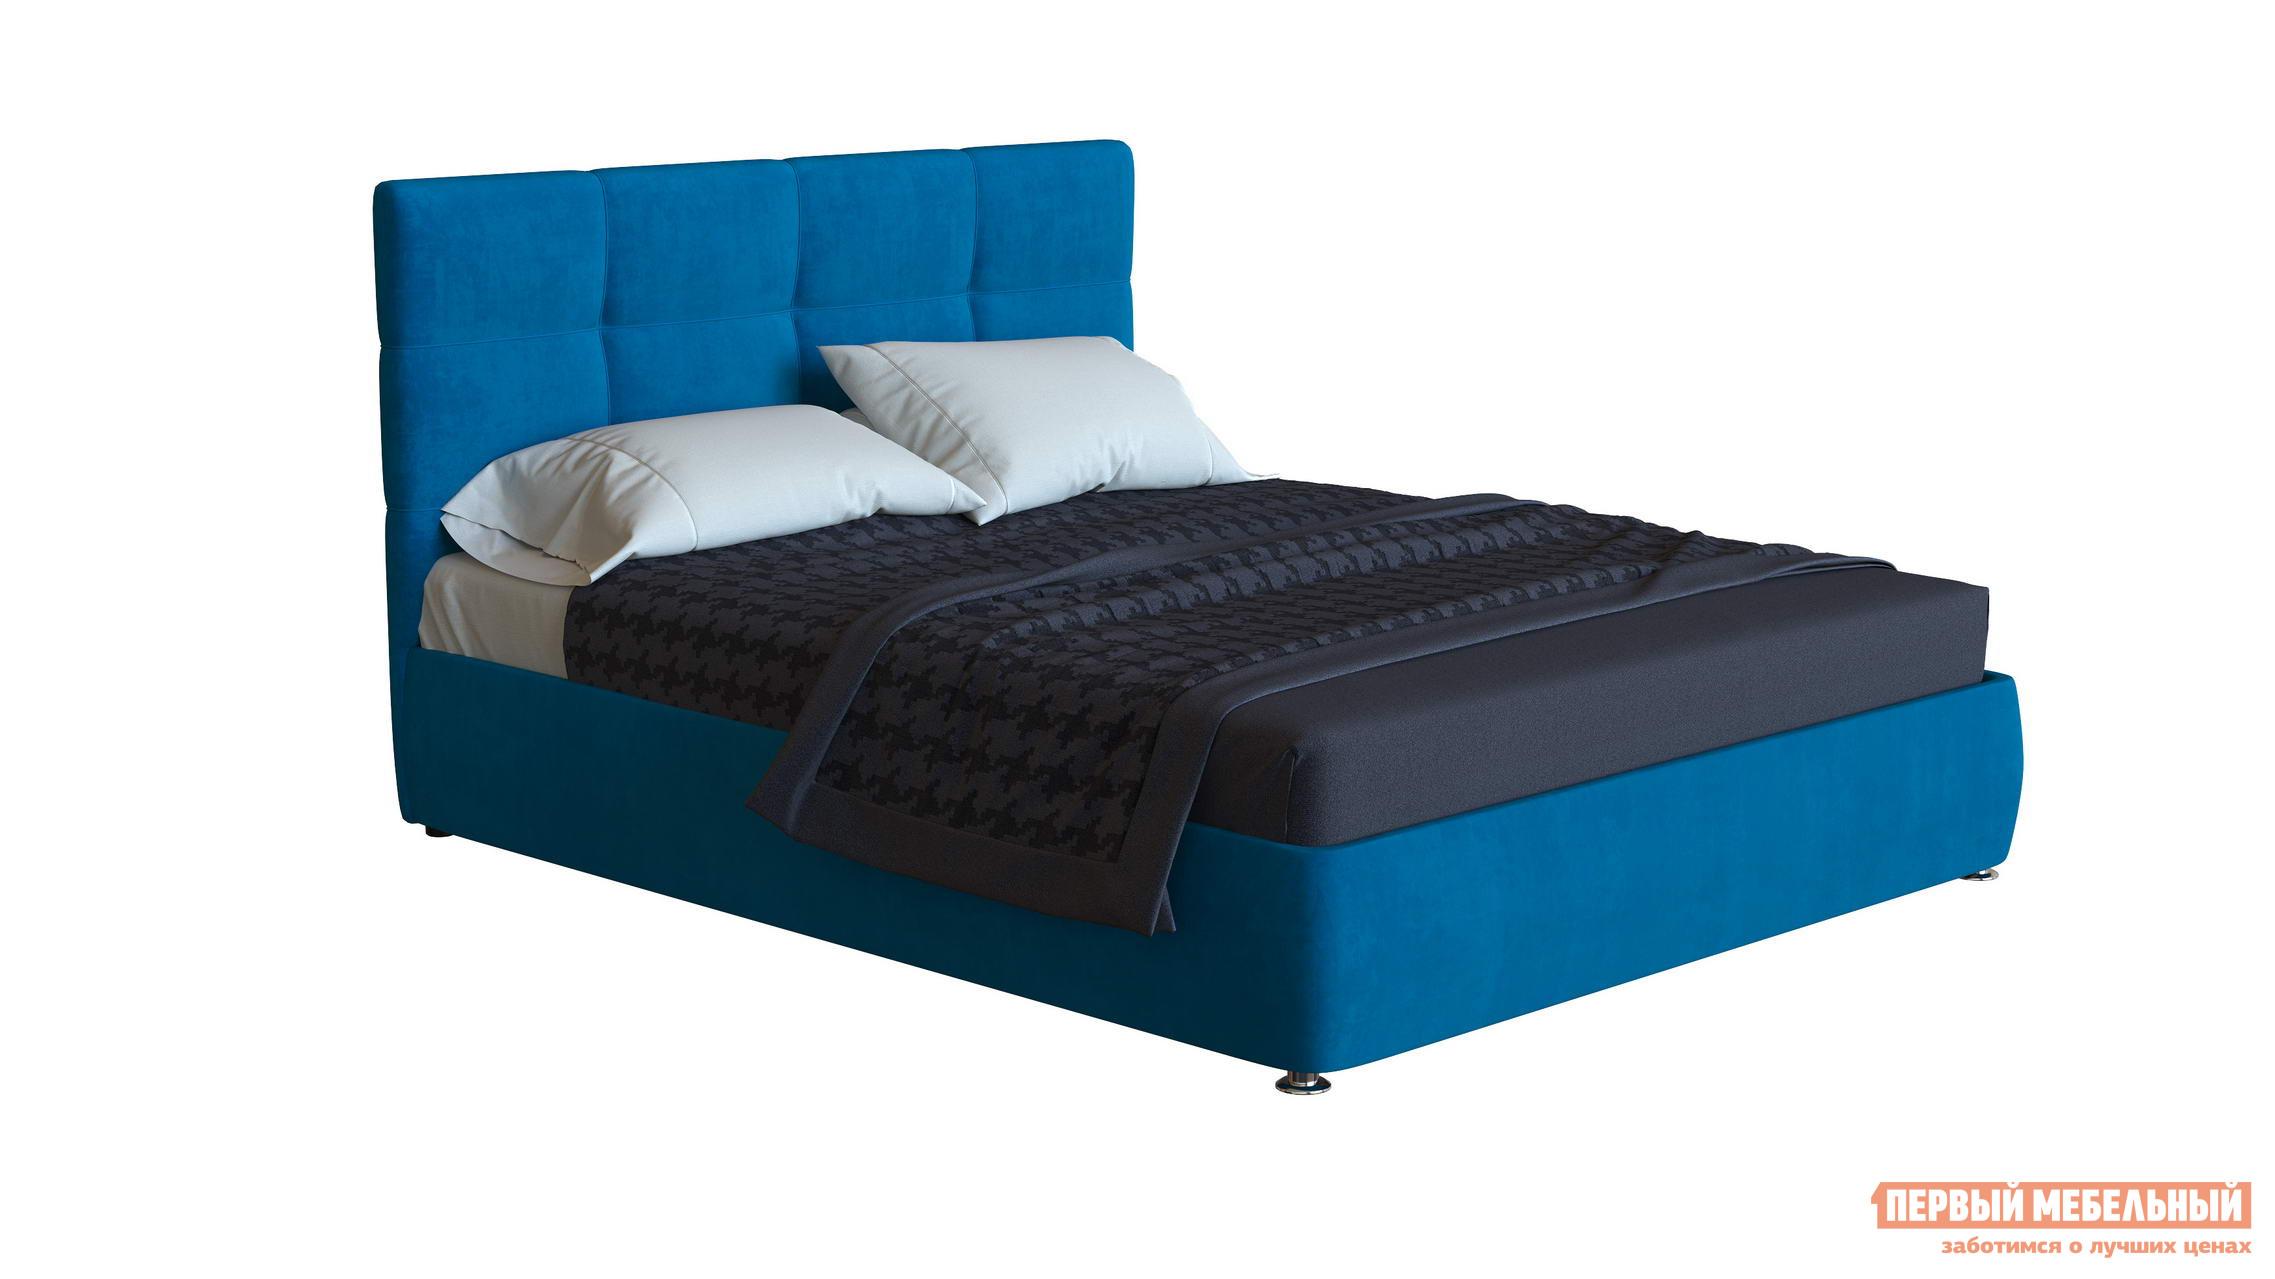 Двуспальная кровать Первый Мебельный Кровать Варна 140х200, 160х200, 180х200 кровать амели 180х200